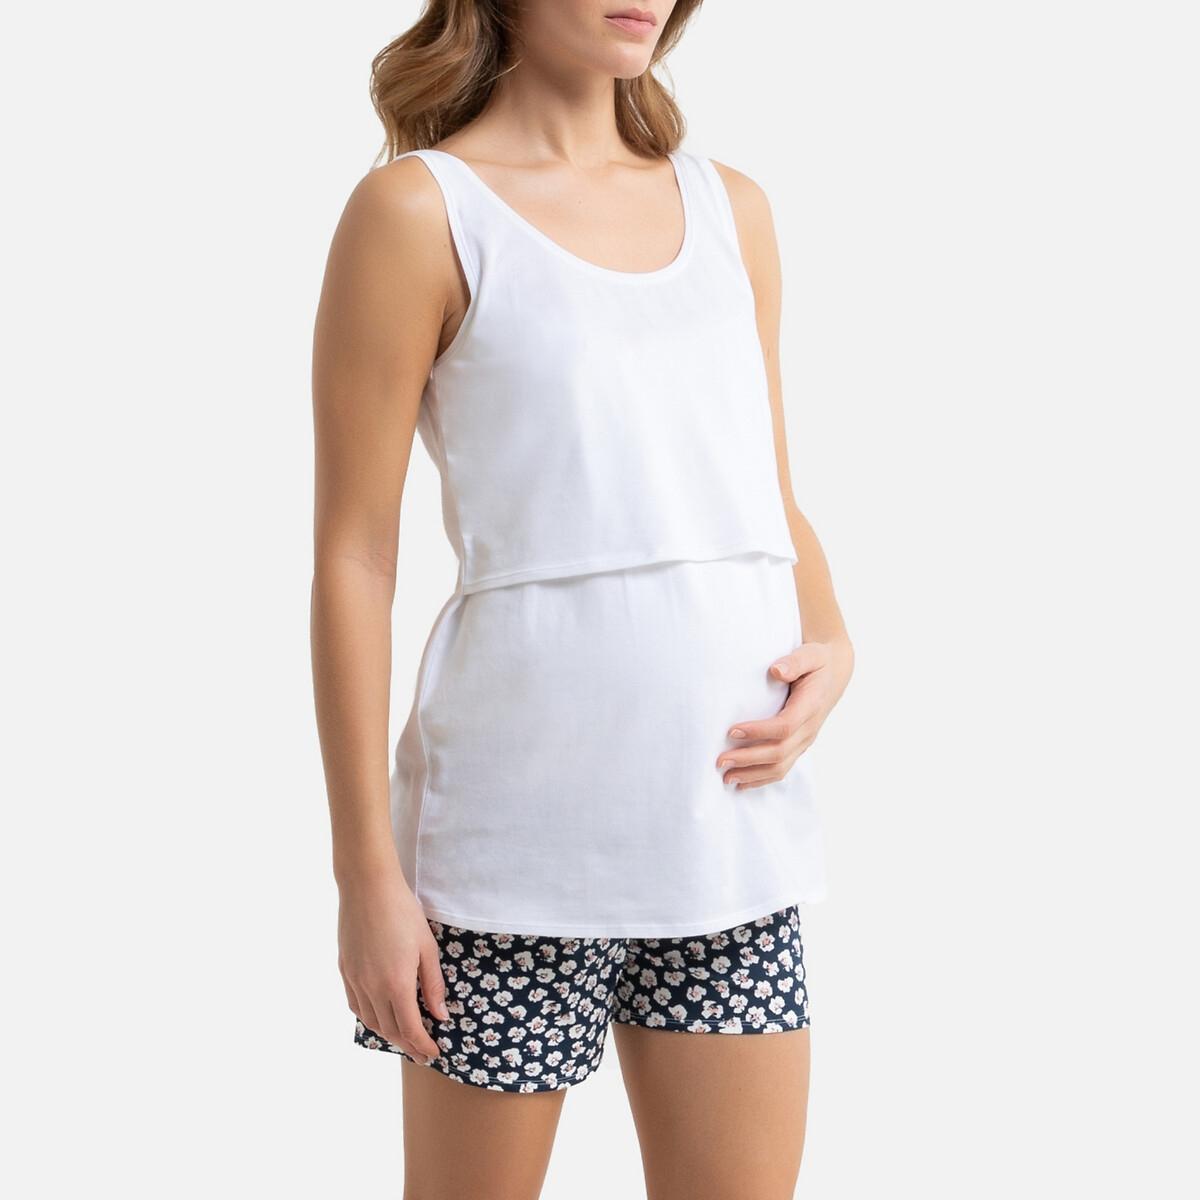 Pijama curto, especial gravidez e amamentação, em algodão bio